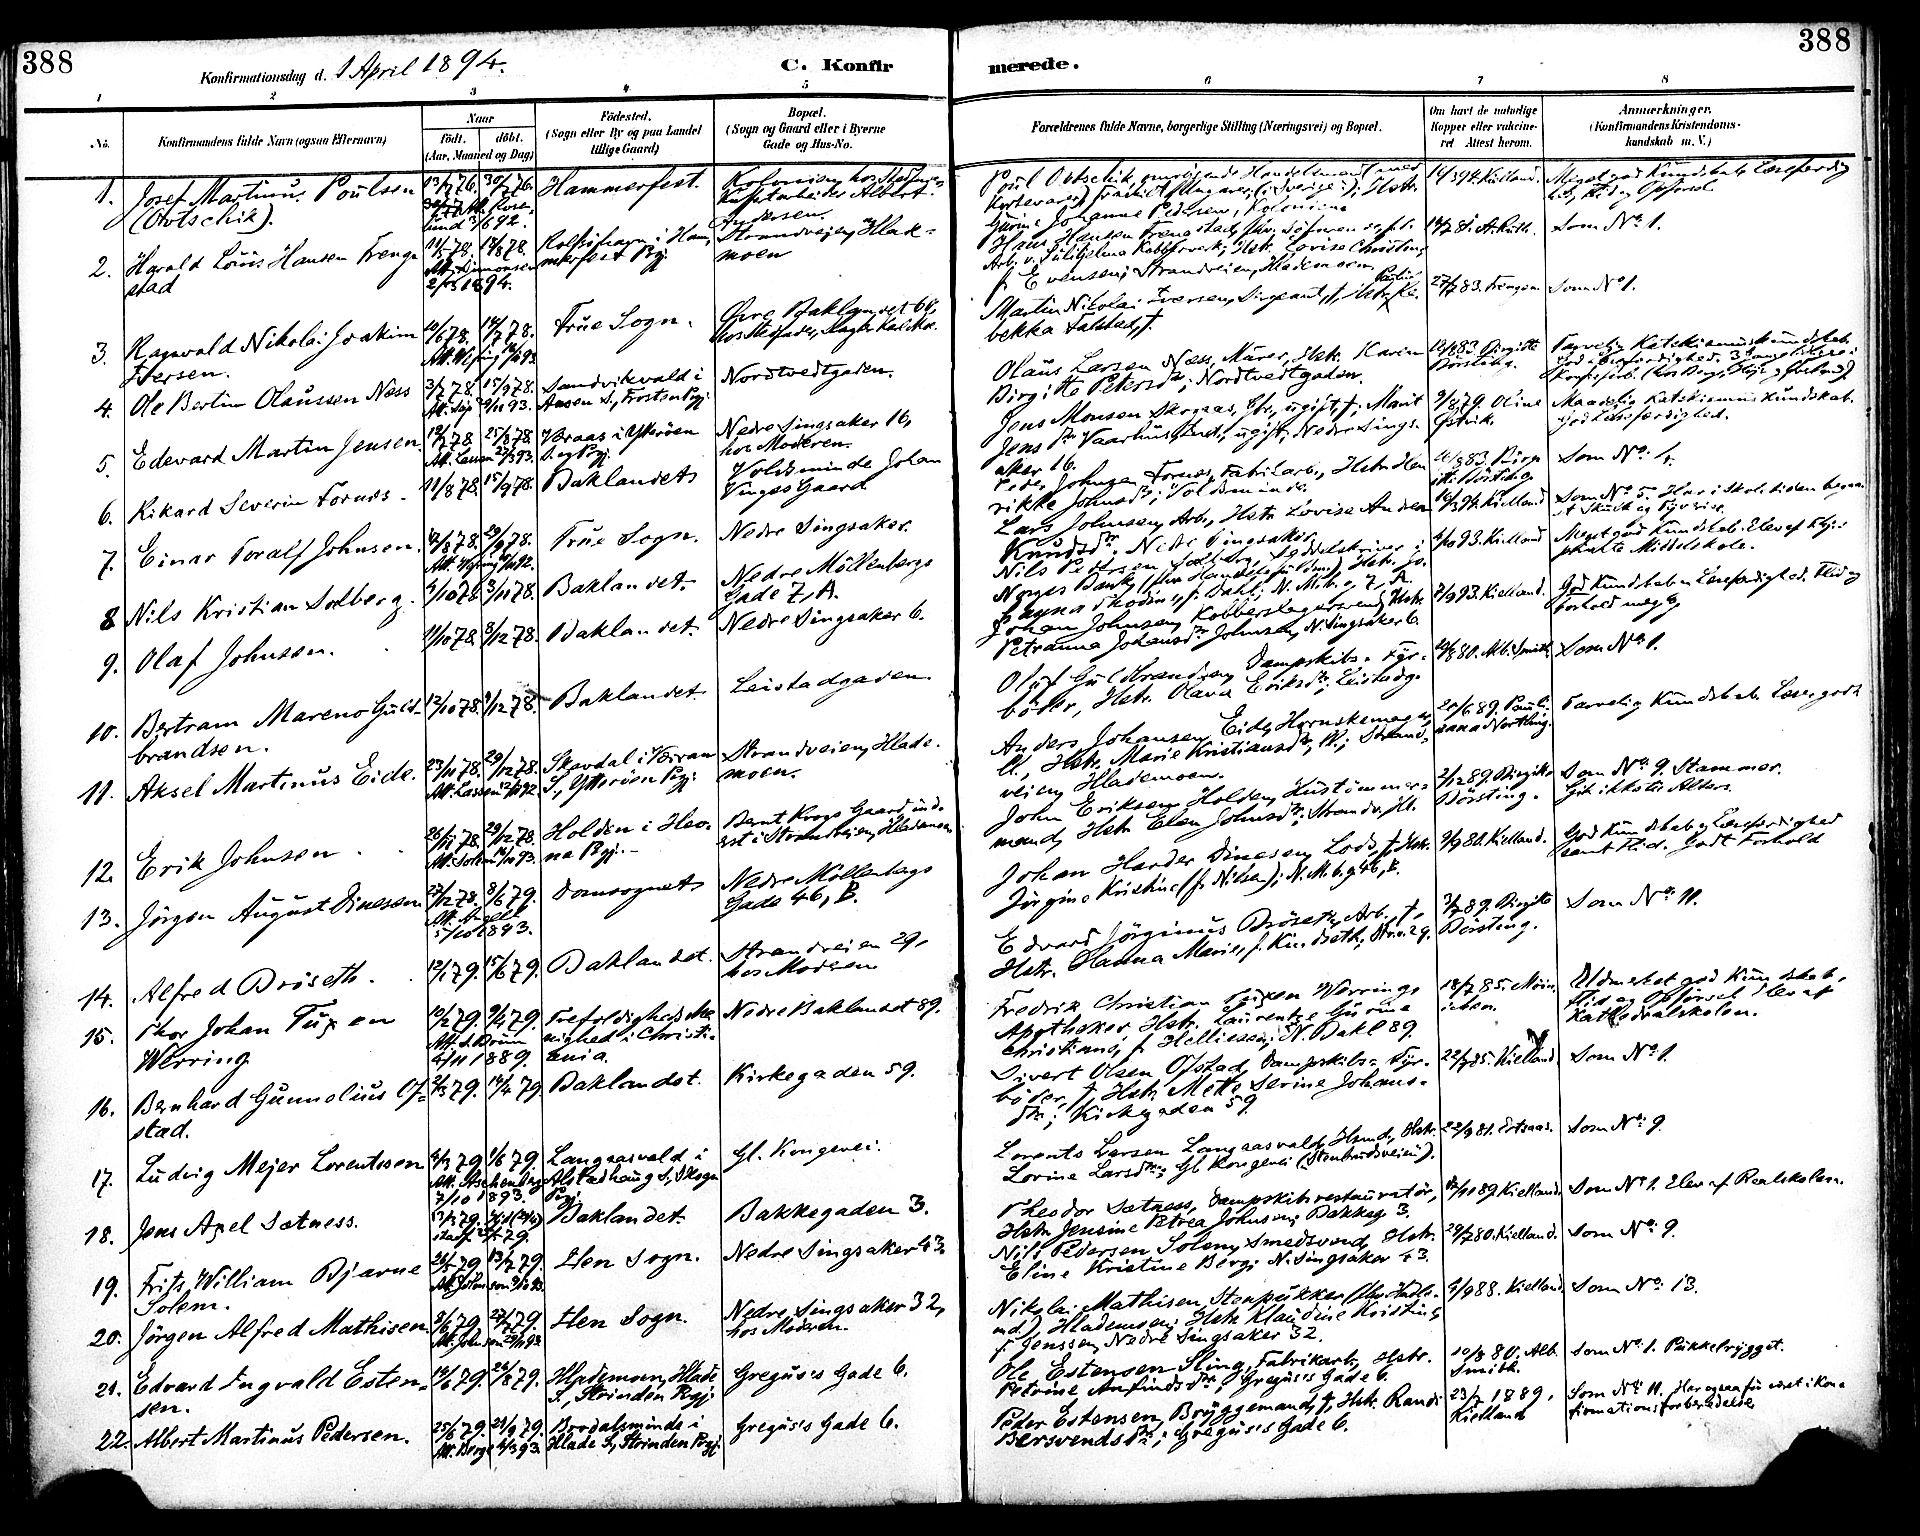 SAT, Ministerialprotokoller, klokkerbøker og fødselsregistre - Sør-Trøndelag, 604/L0197: Ministerialbok nr. 604A18, 1893-1900, s. 388